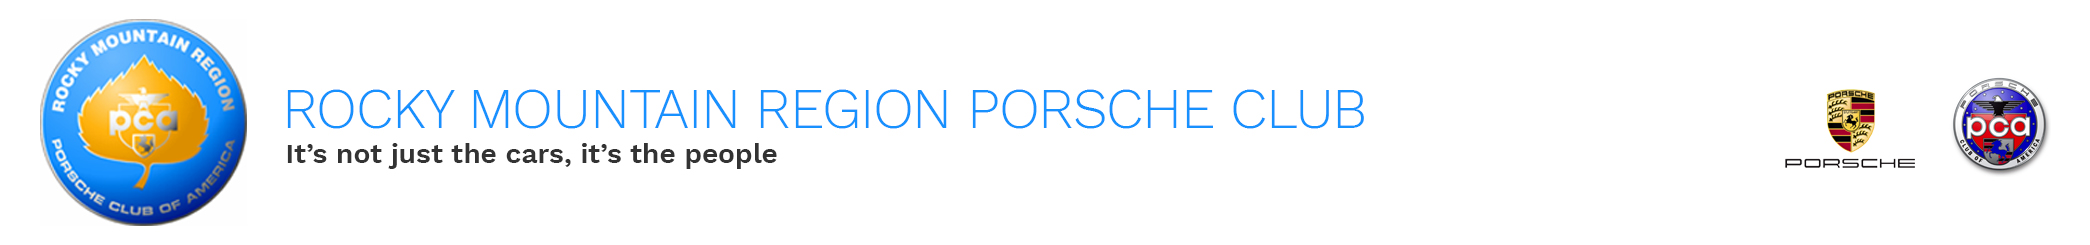 Rocky Mountain Region Porsche Club